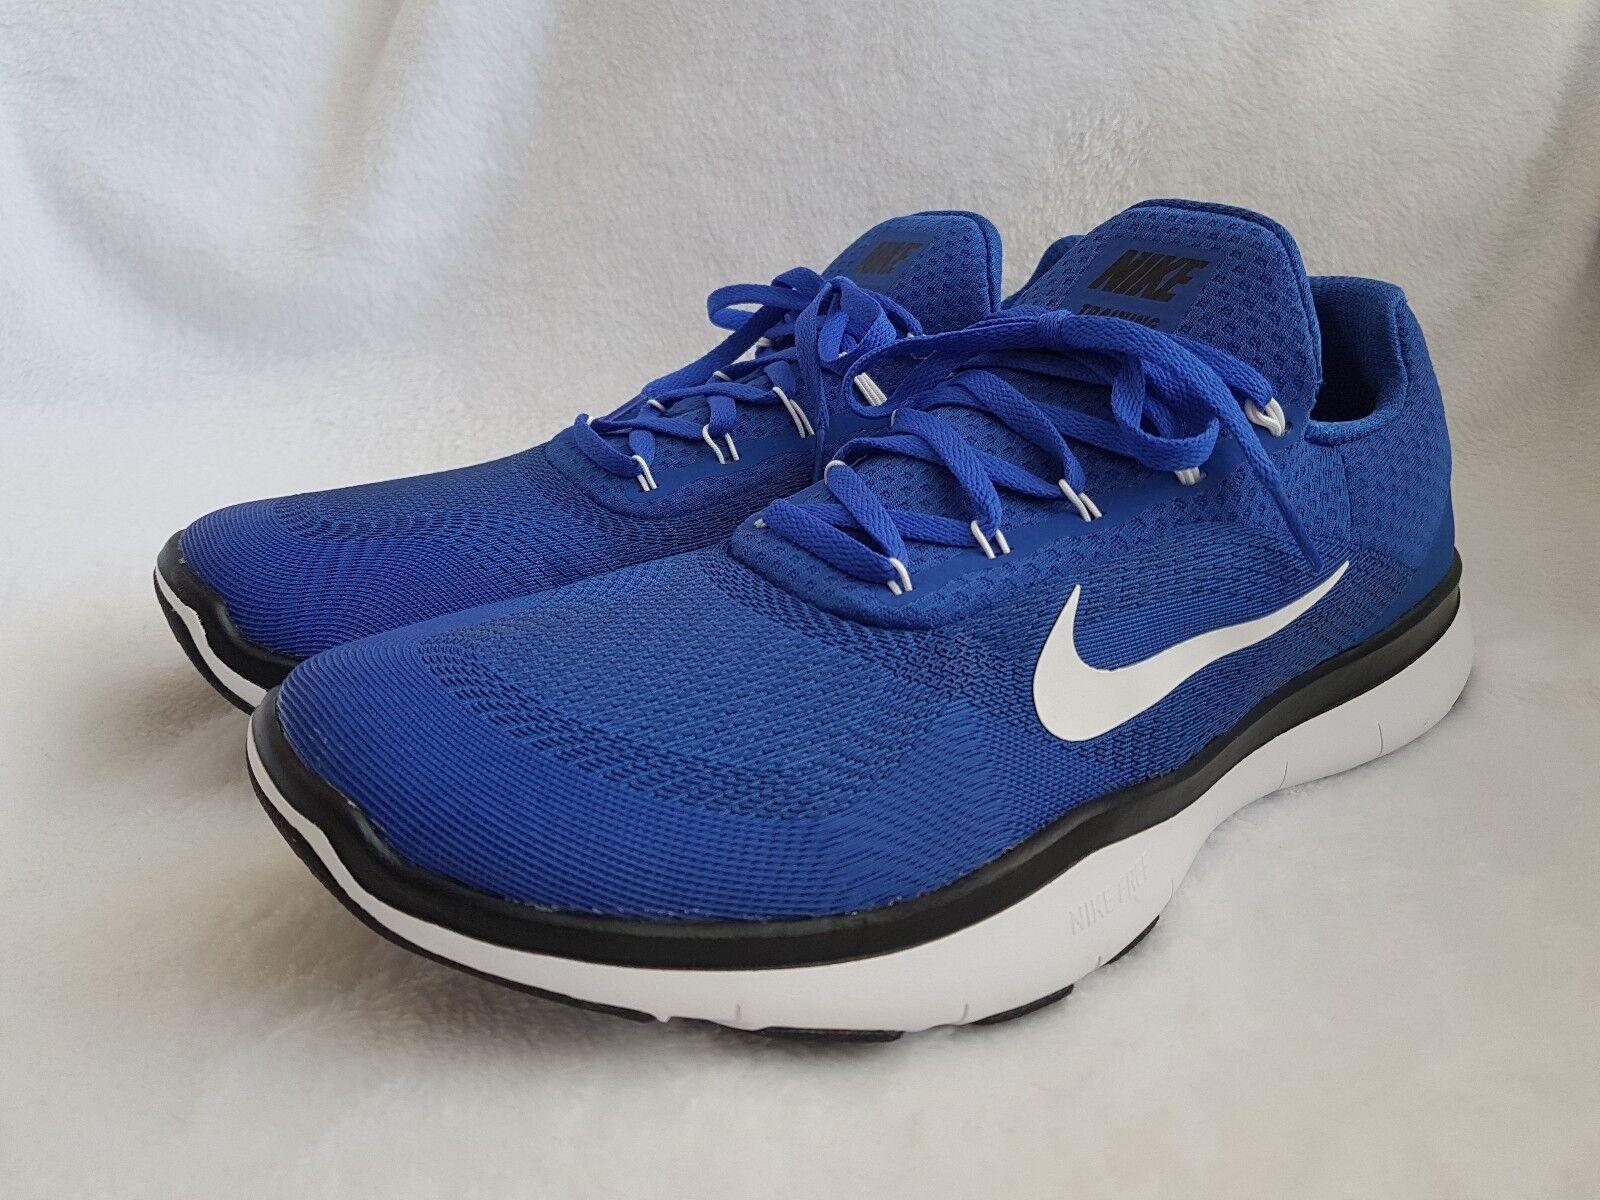 NWOB Nike Men's Free Trainer v7 Running bluee 898051-401 Size 12